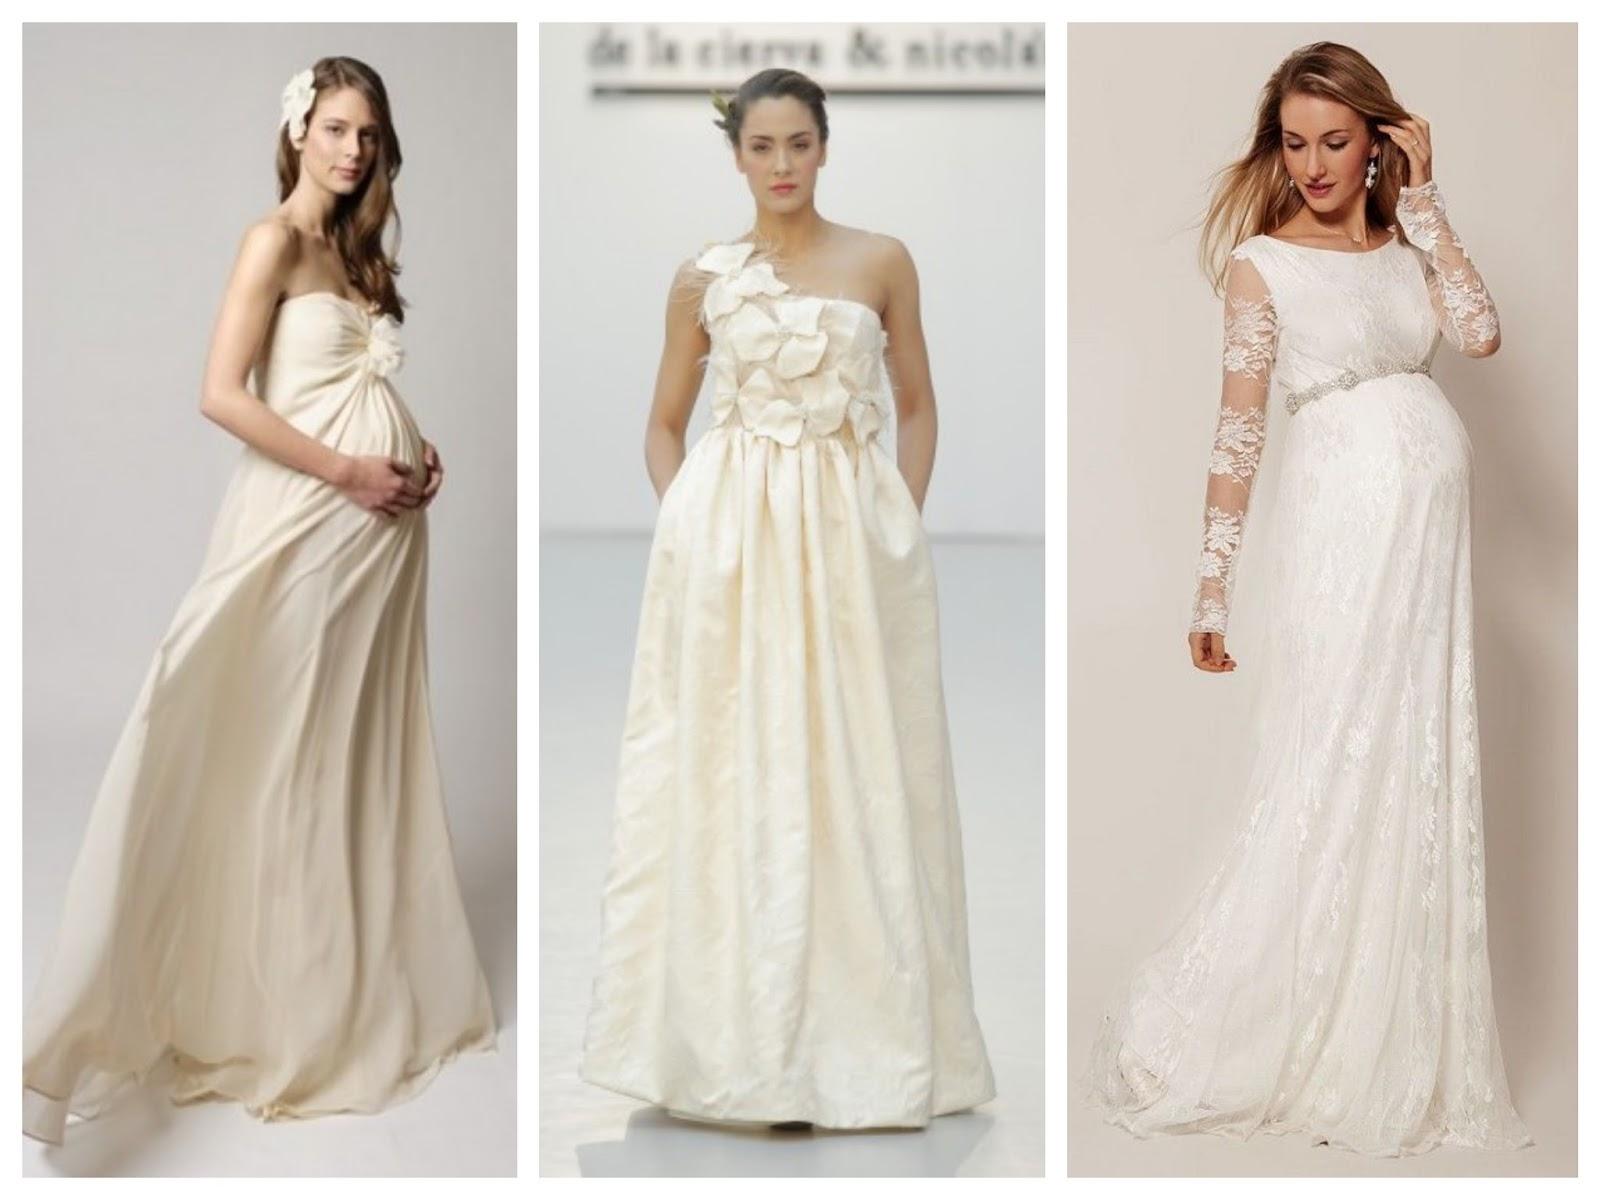 vestido de novia embarazada 4 meses